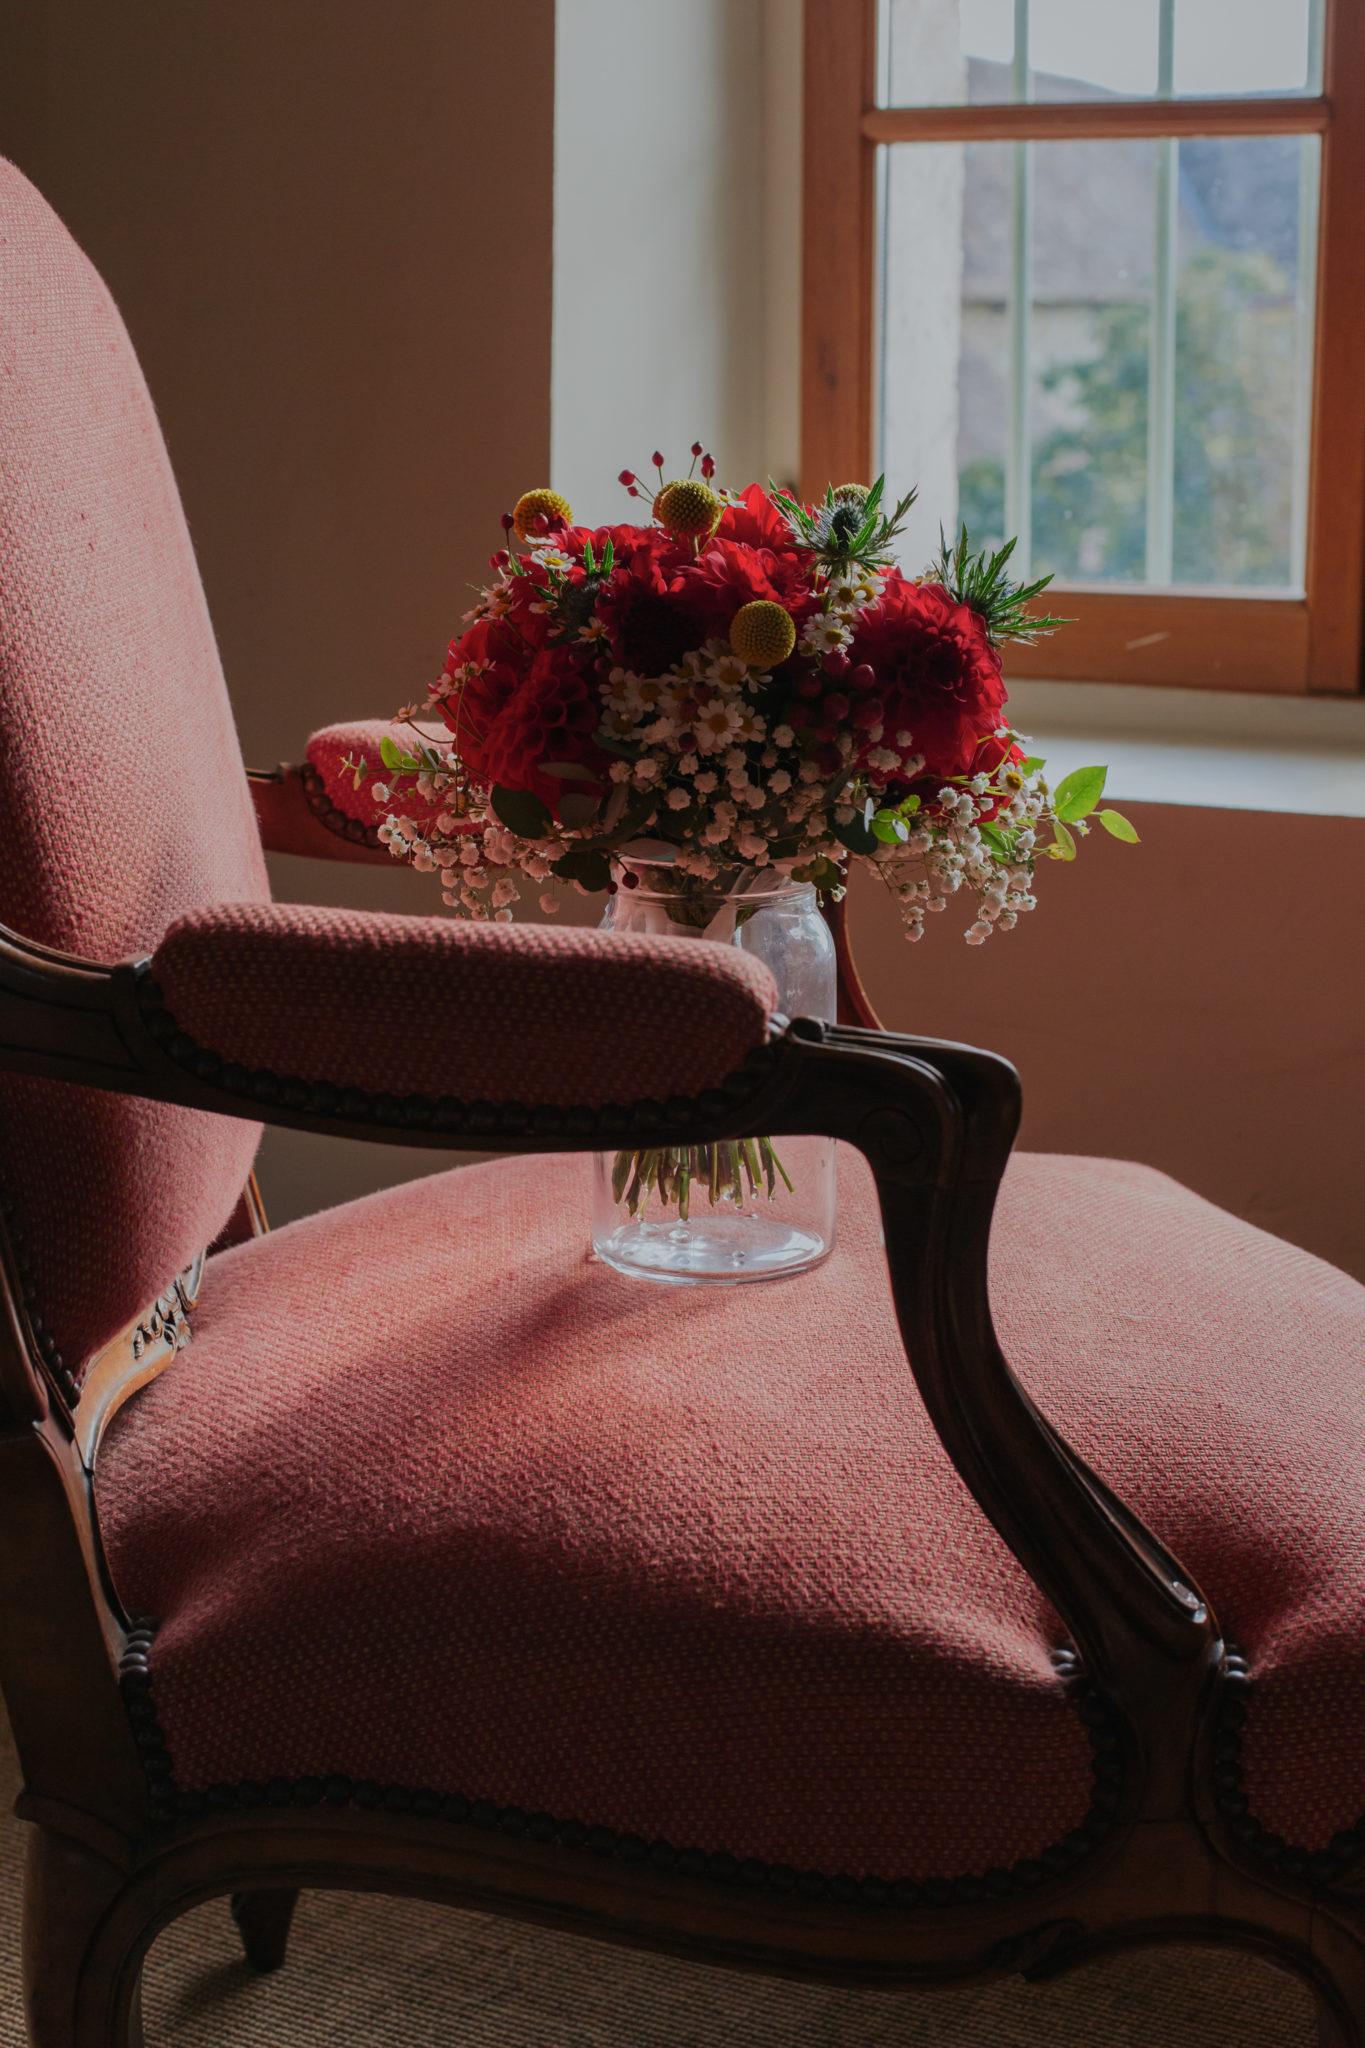 Bouquet mariée fleurs rouges Mariage 50s Domaine Mauvoisin Lommoye